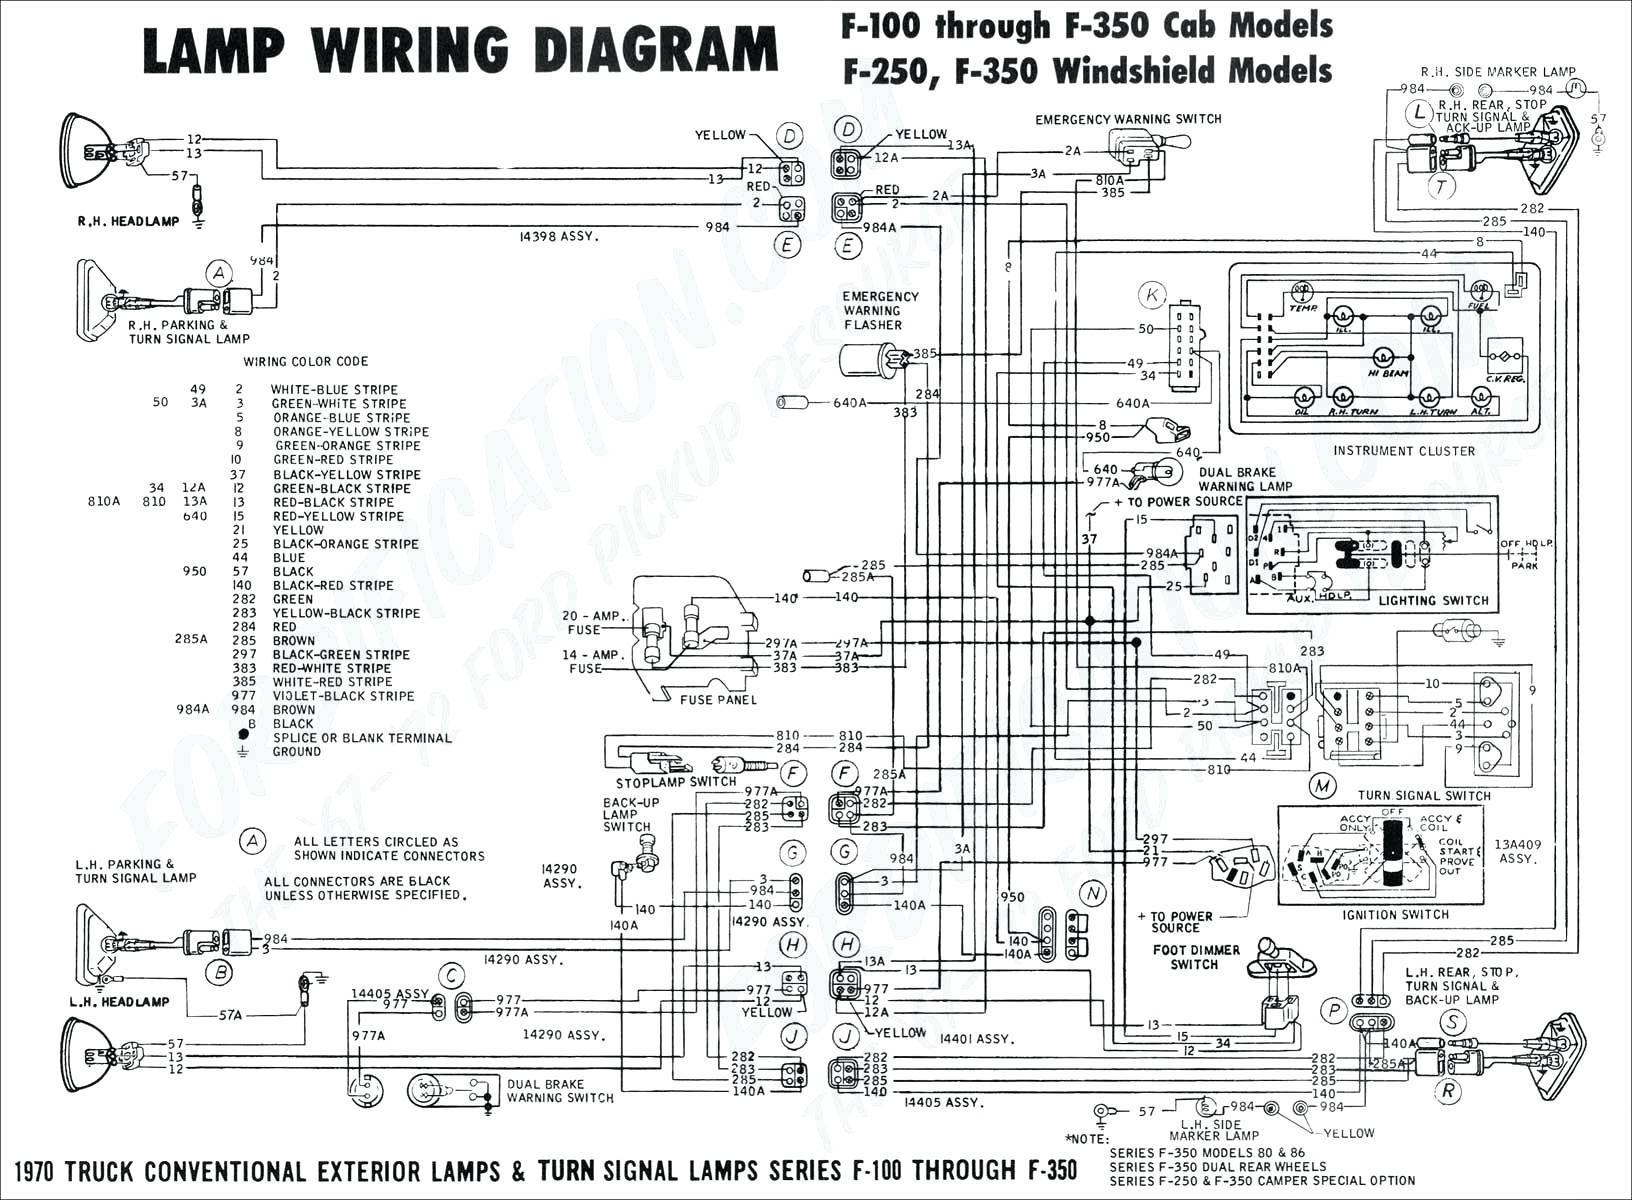 wiring diagram pioneer dxt 2369ub wiring guide pioneer wiring dxt x2769ui wiring color diagram wiring diagram centre wiring diagram pioneer dxt 2369ub wiring guide pioneer wiring pioneer